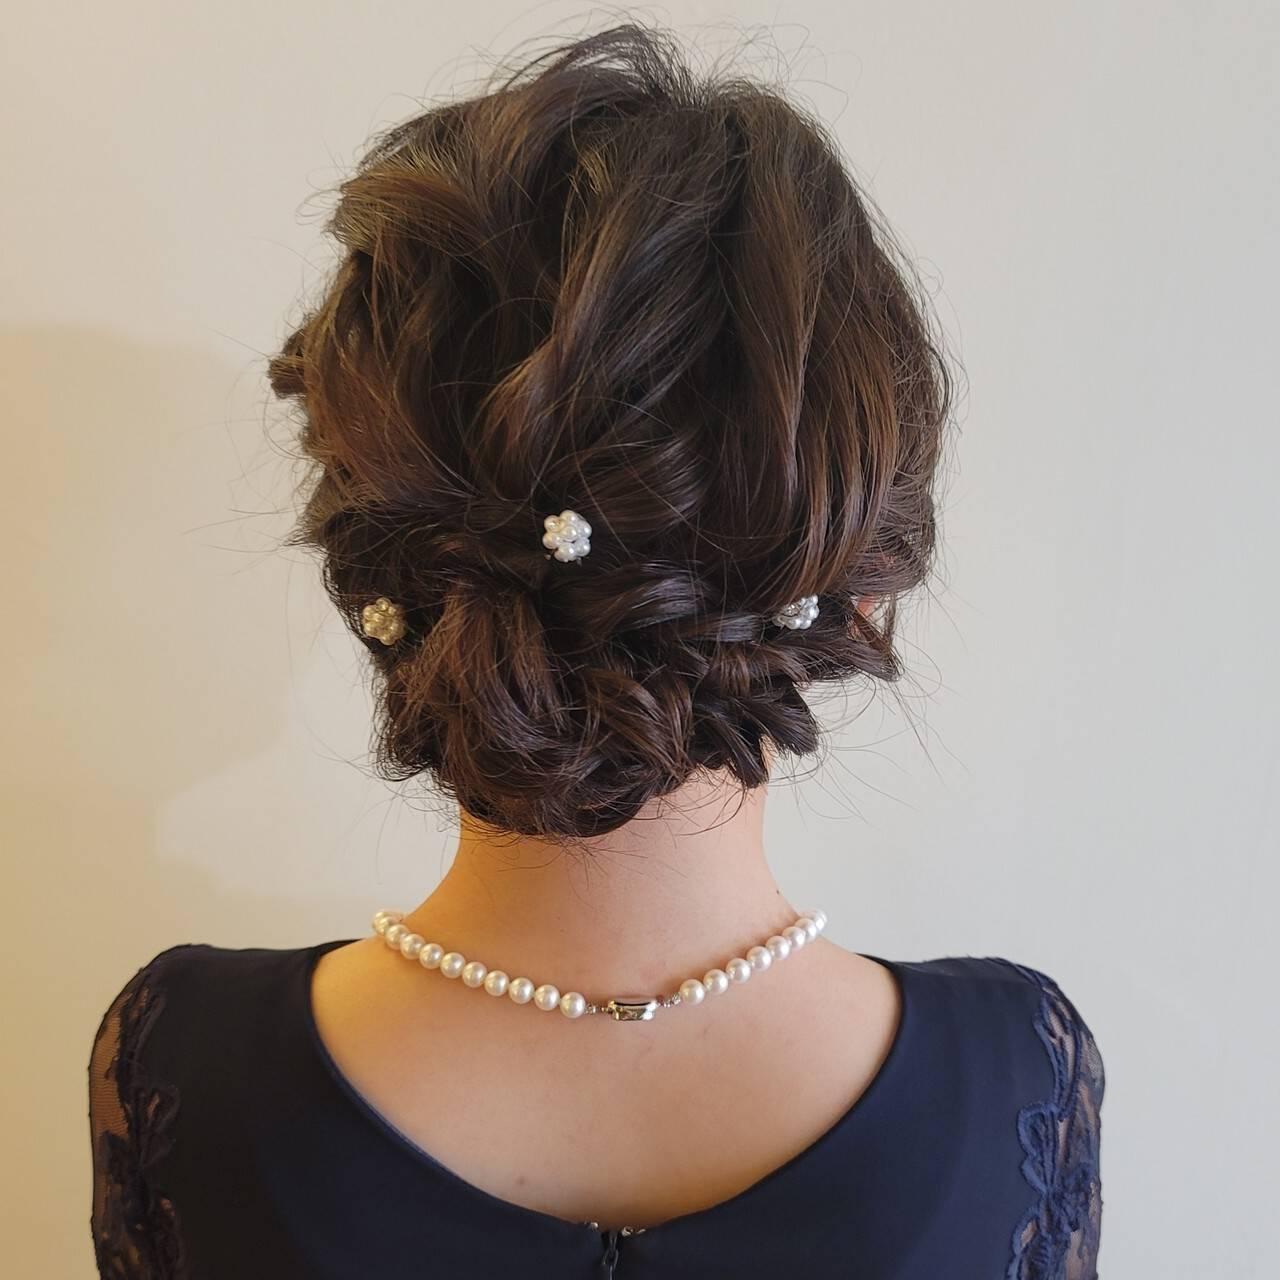 ヘアアレンジ 結婚式 結婚式ヘアアレンジ セミロングヘアスタイルや髪型の写真・画像